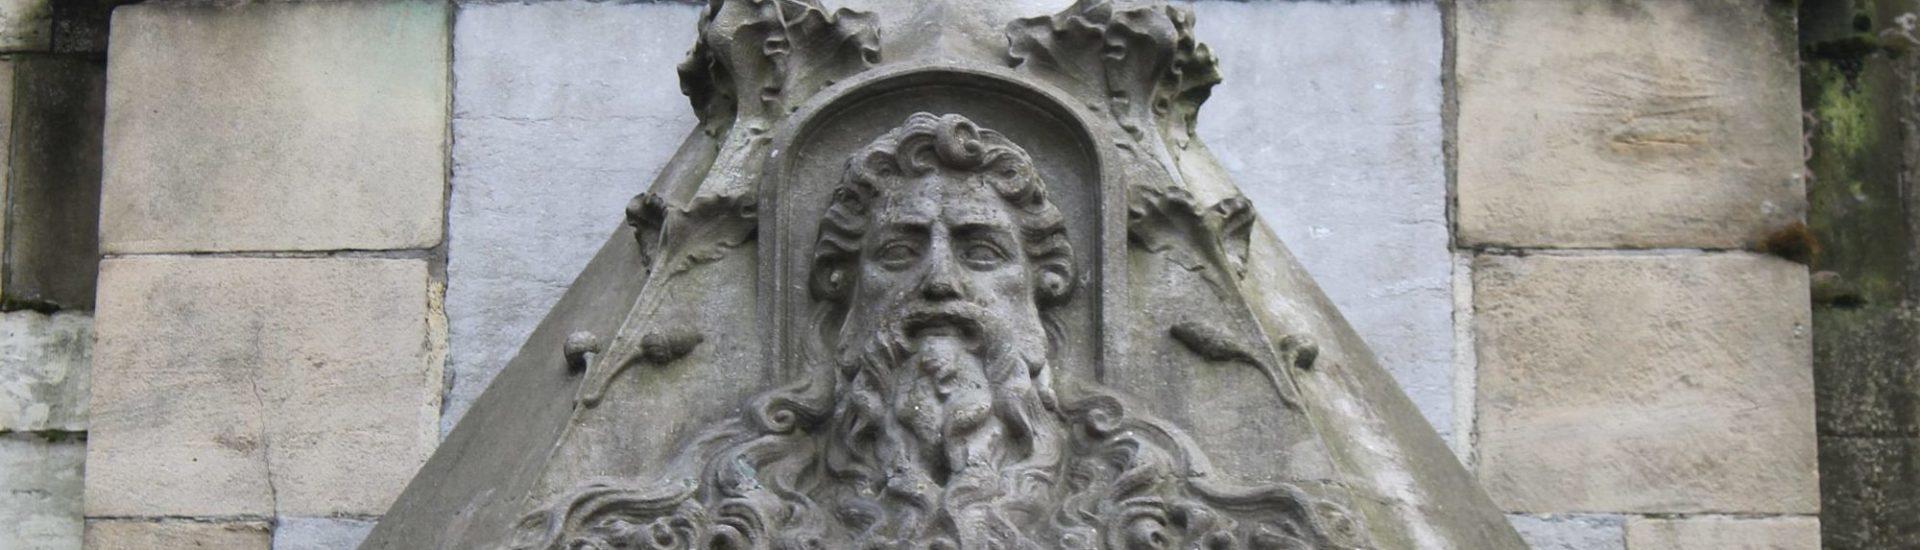 ÑLugares históricos Gante